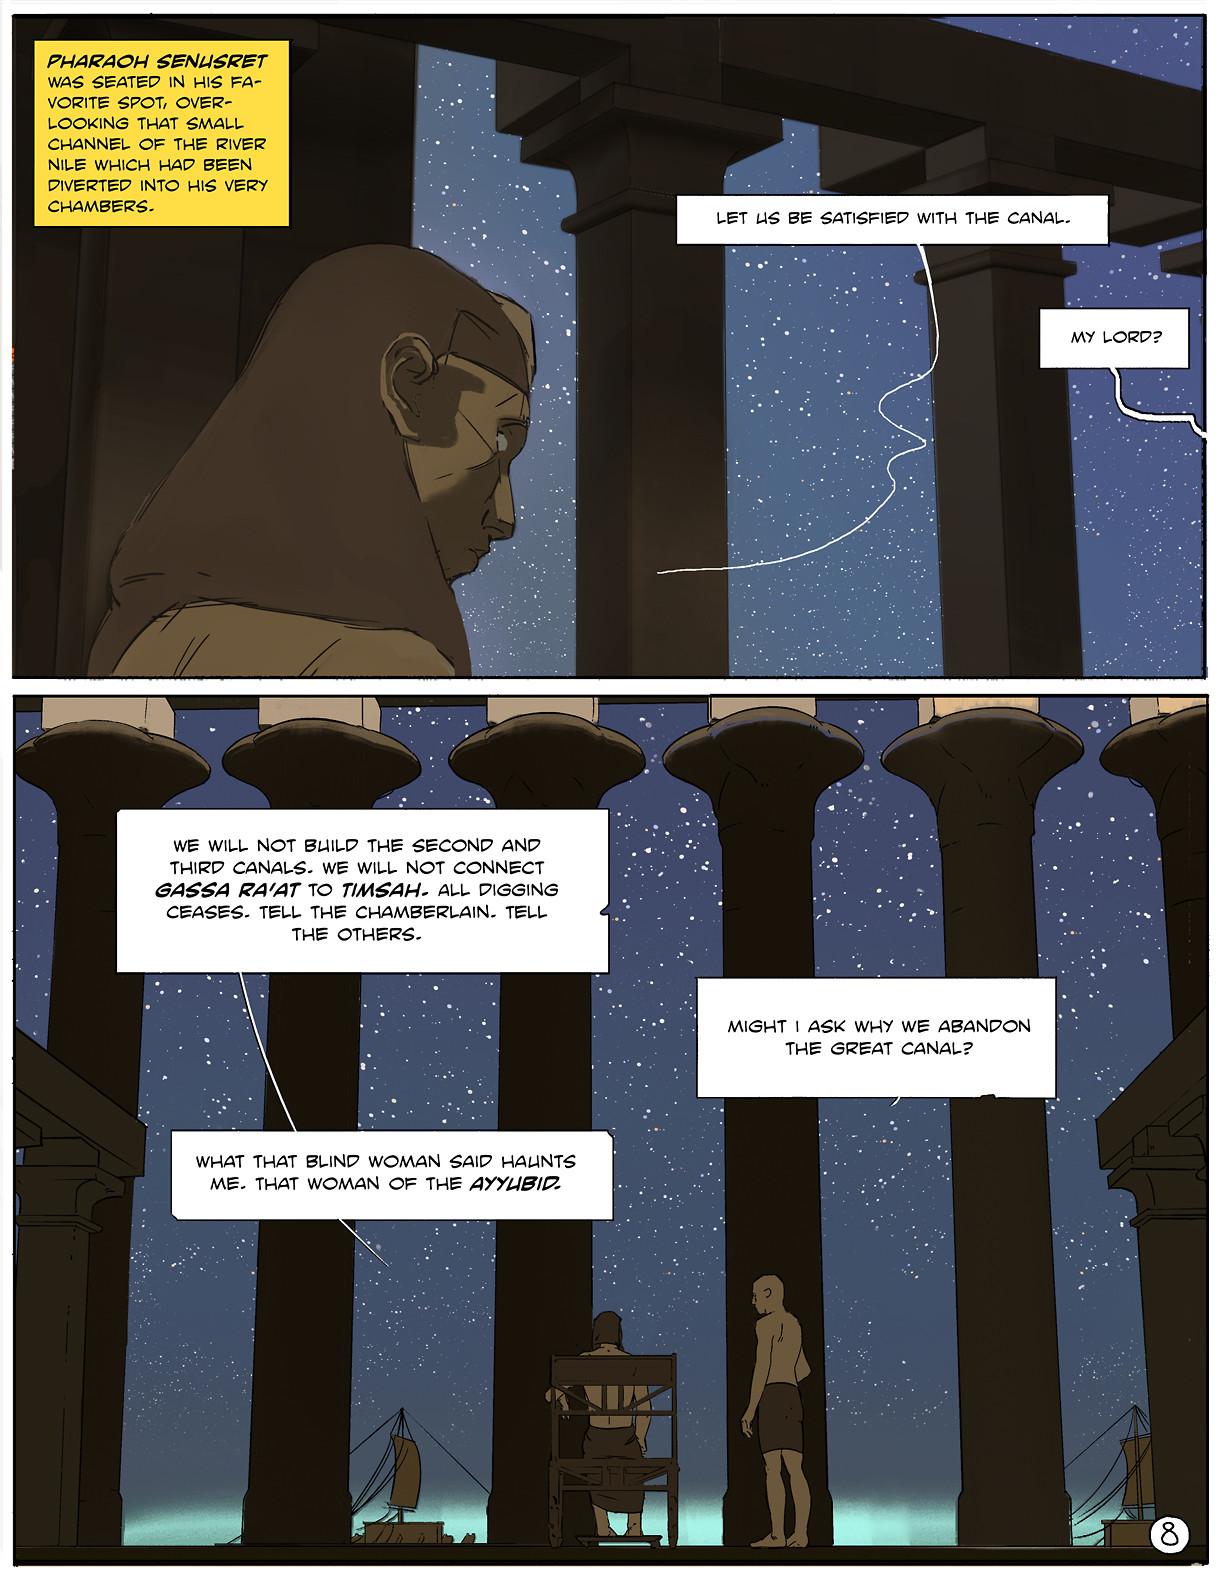 Devin korwin page 8